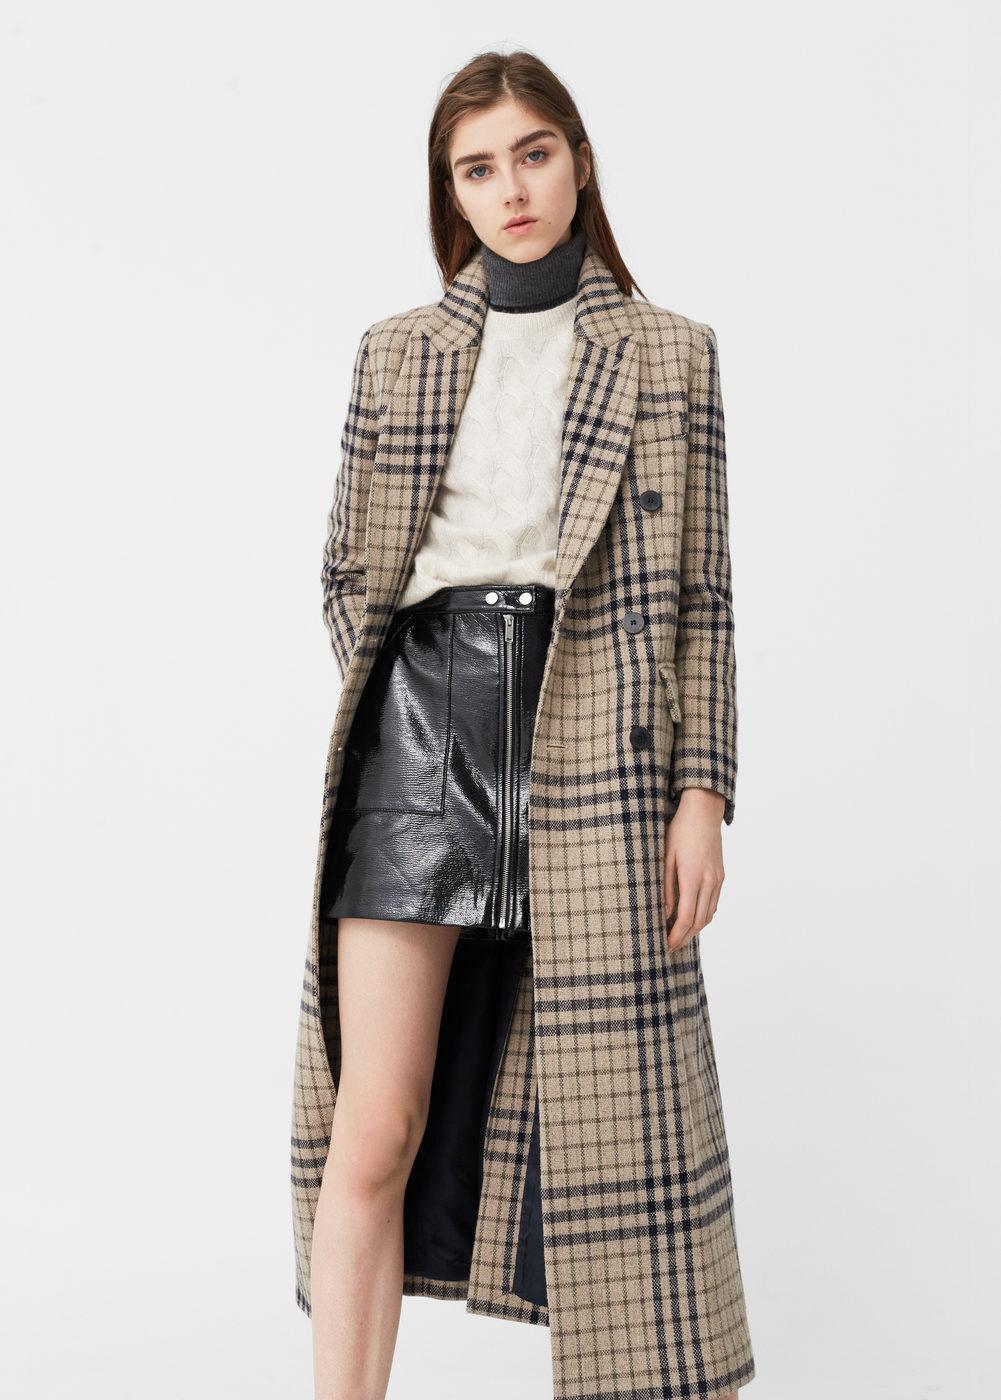 Mantel aus woll mix